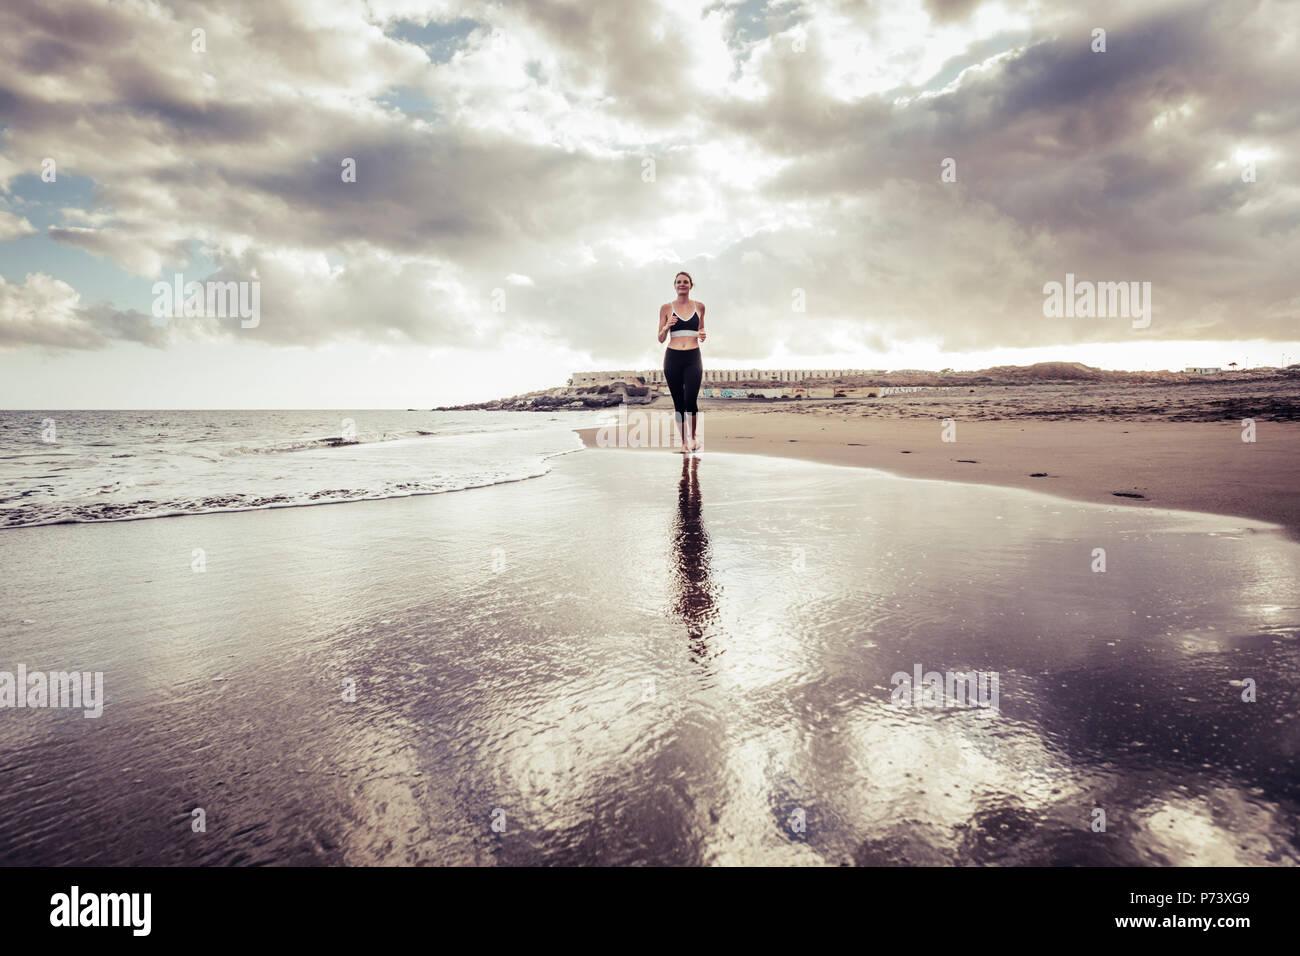 Lonely runner dama joven chica caucásica en la playa en estilo descalzos corriendo olas en la orilla. Concepto de actividad deportiva y océano. increíble atardecer un Imagen De Stock